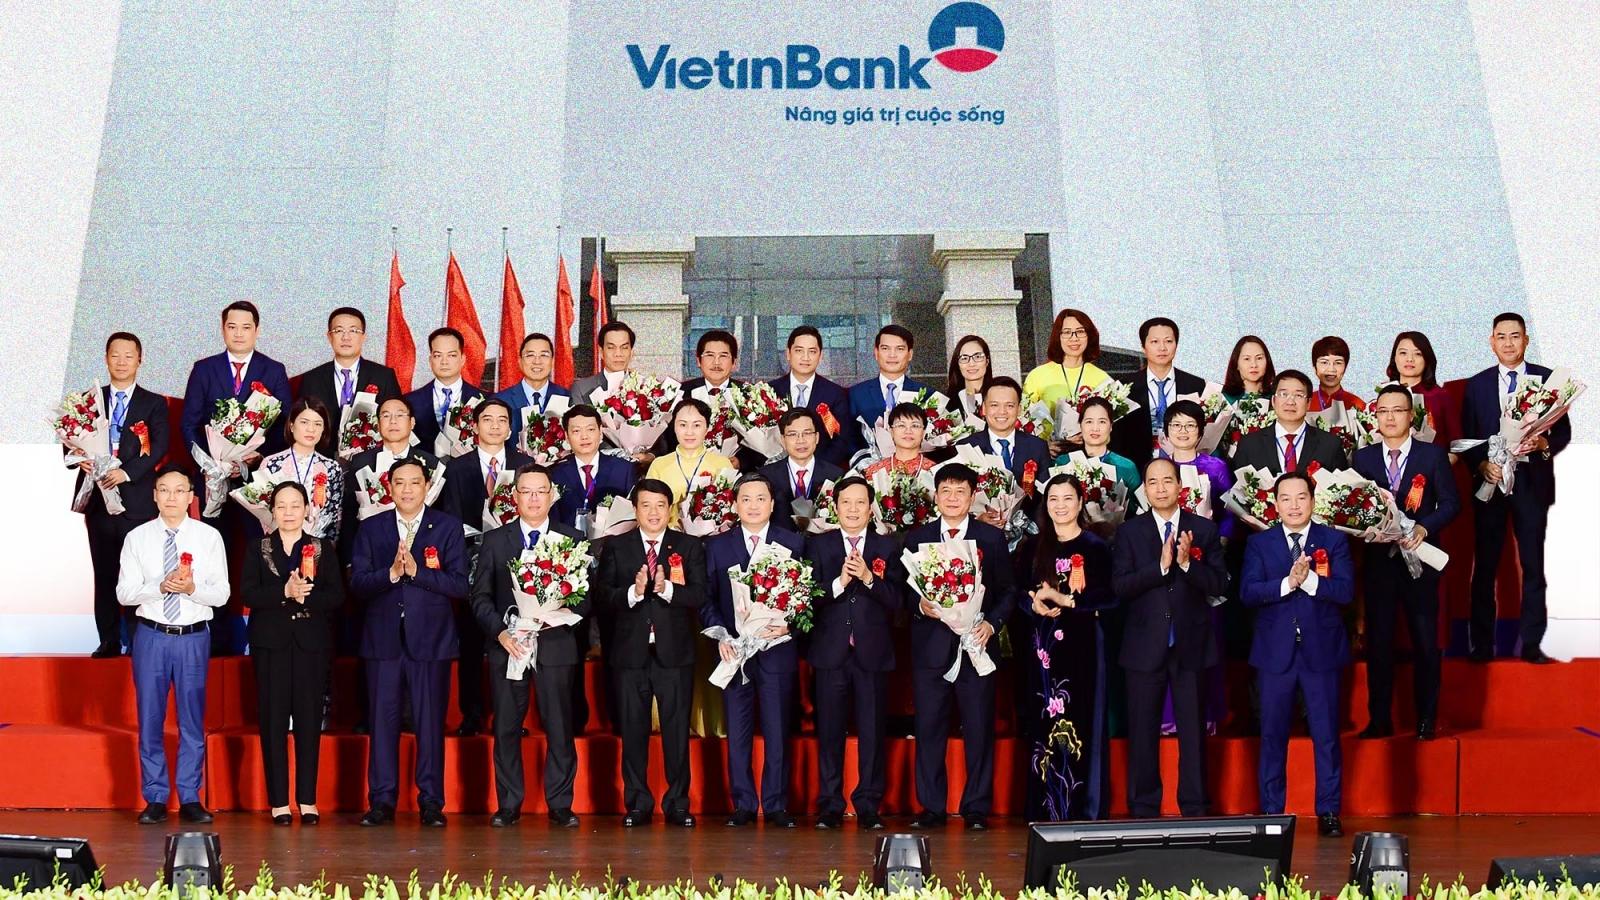 10 dấu ấn nổi bật trong hoạt động của VietinBank năm 2020